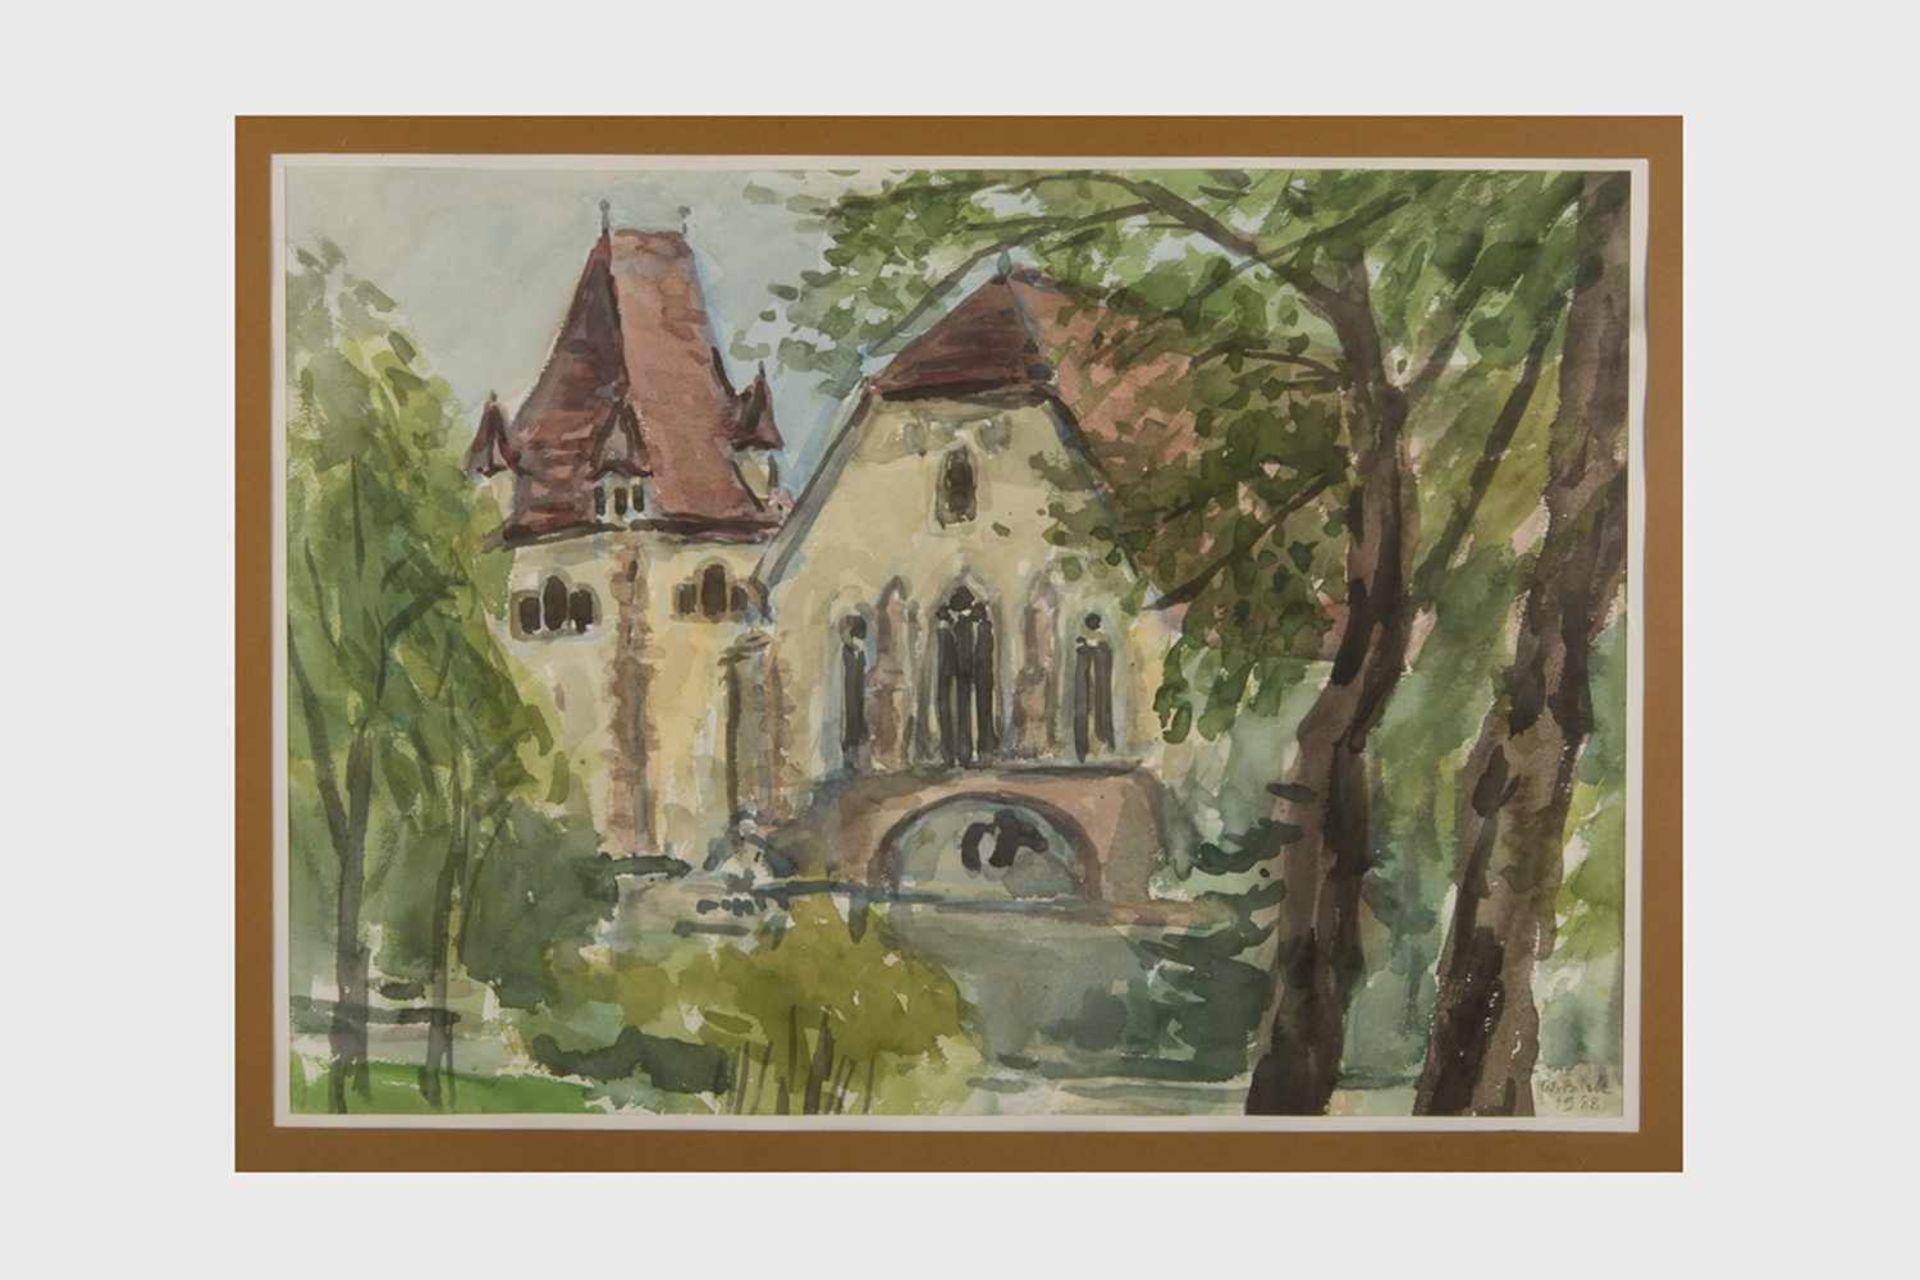 Los 11 - Walter Bilek (1923-1992) Aquarell auf Papier, dat. 1988, Georgskapelle in der Theresianischen